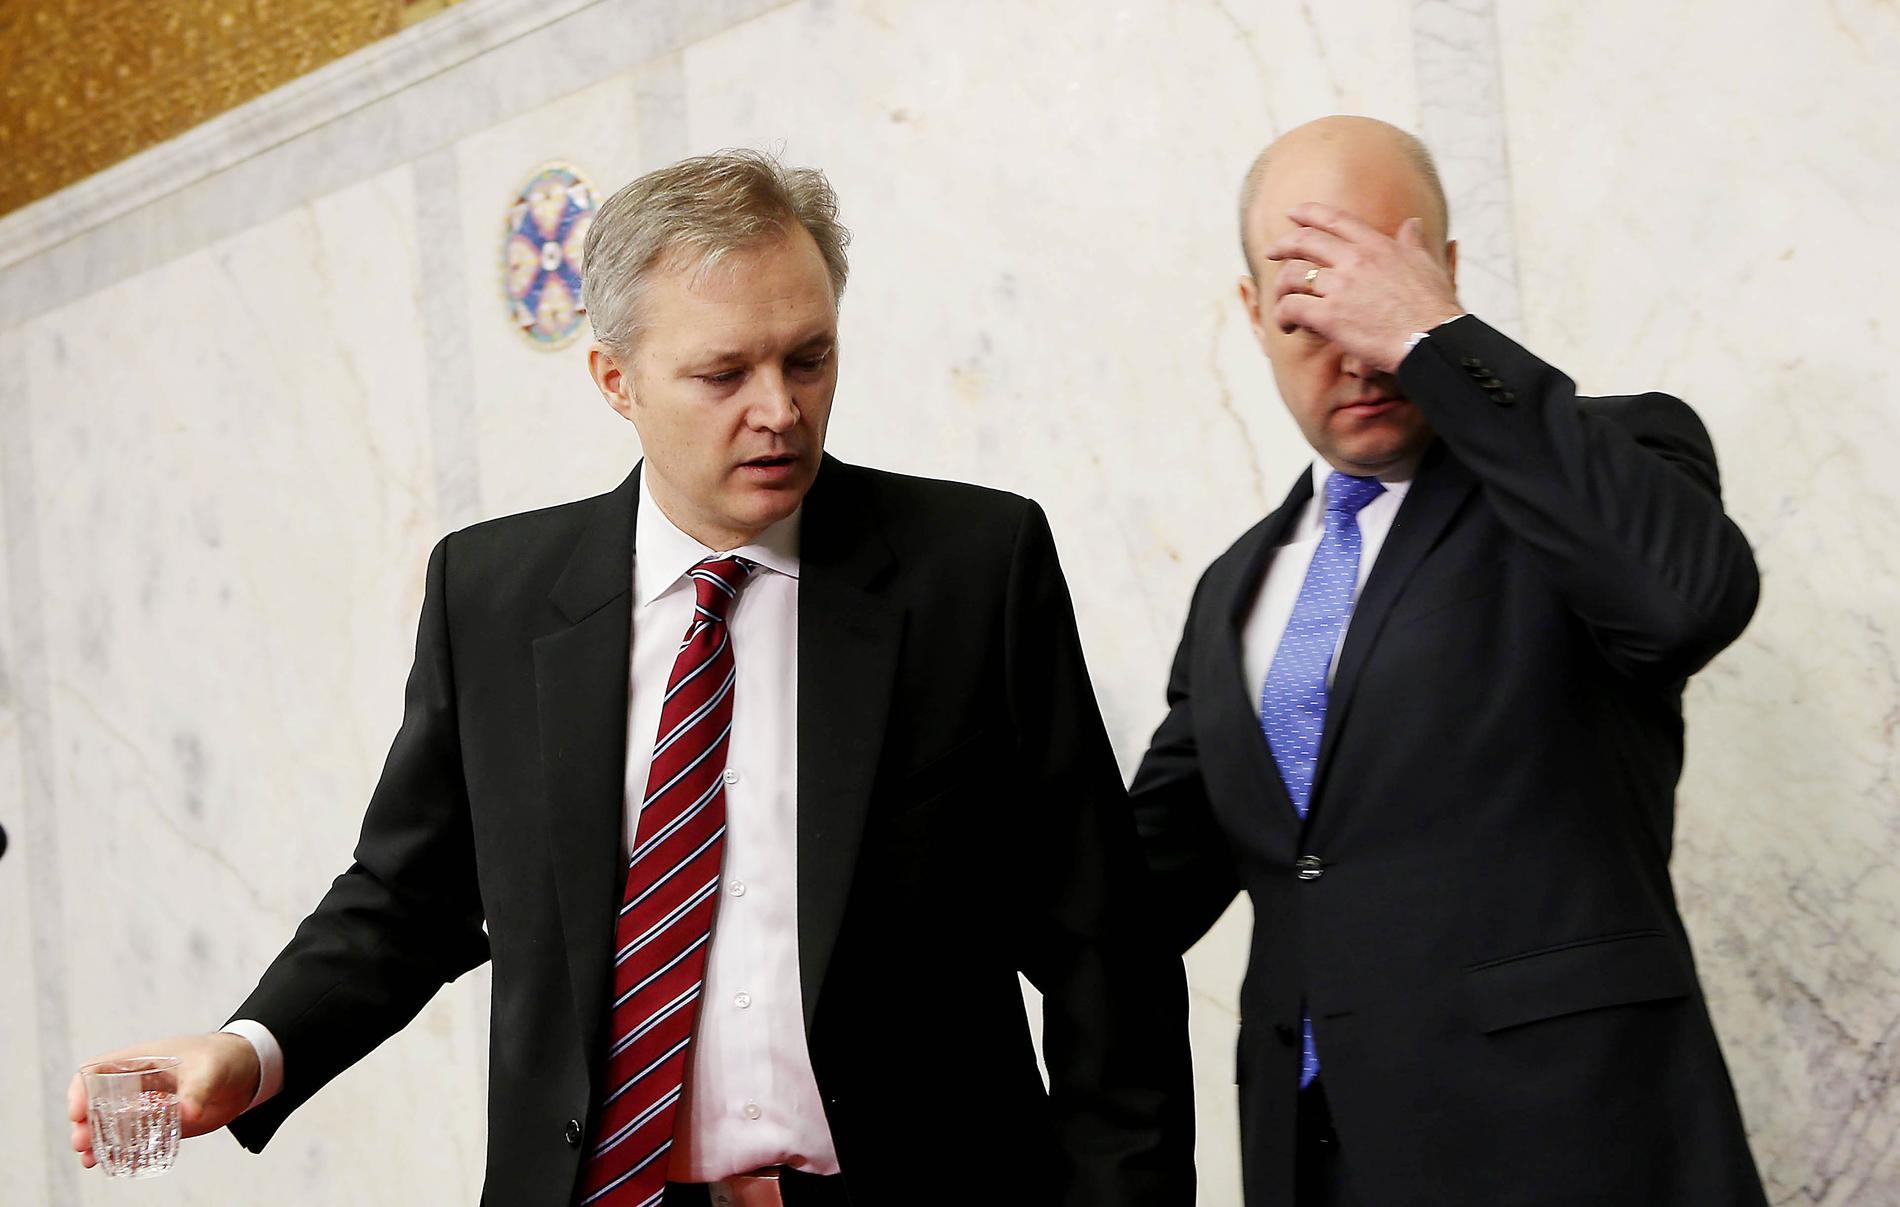 Försvarsminister Sten Tolgfors (M) avgick i mars 2012 efter skandalen med vapenfabriken i Saudiarabien